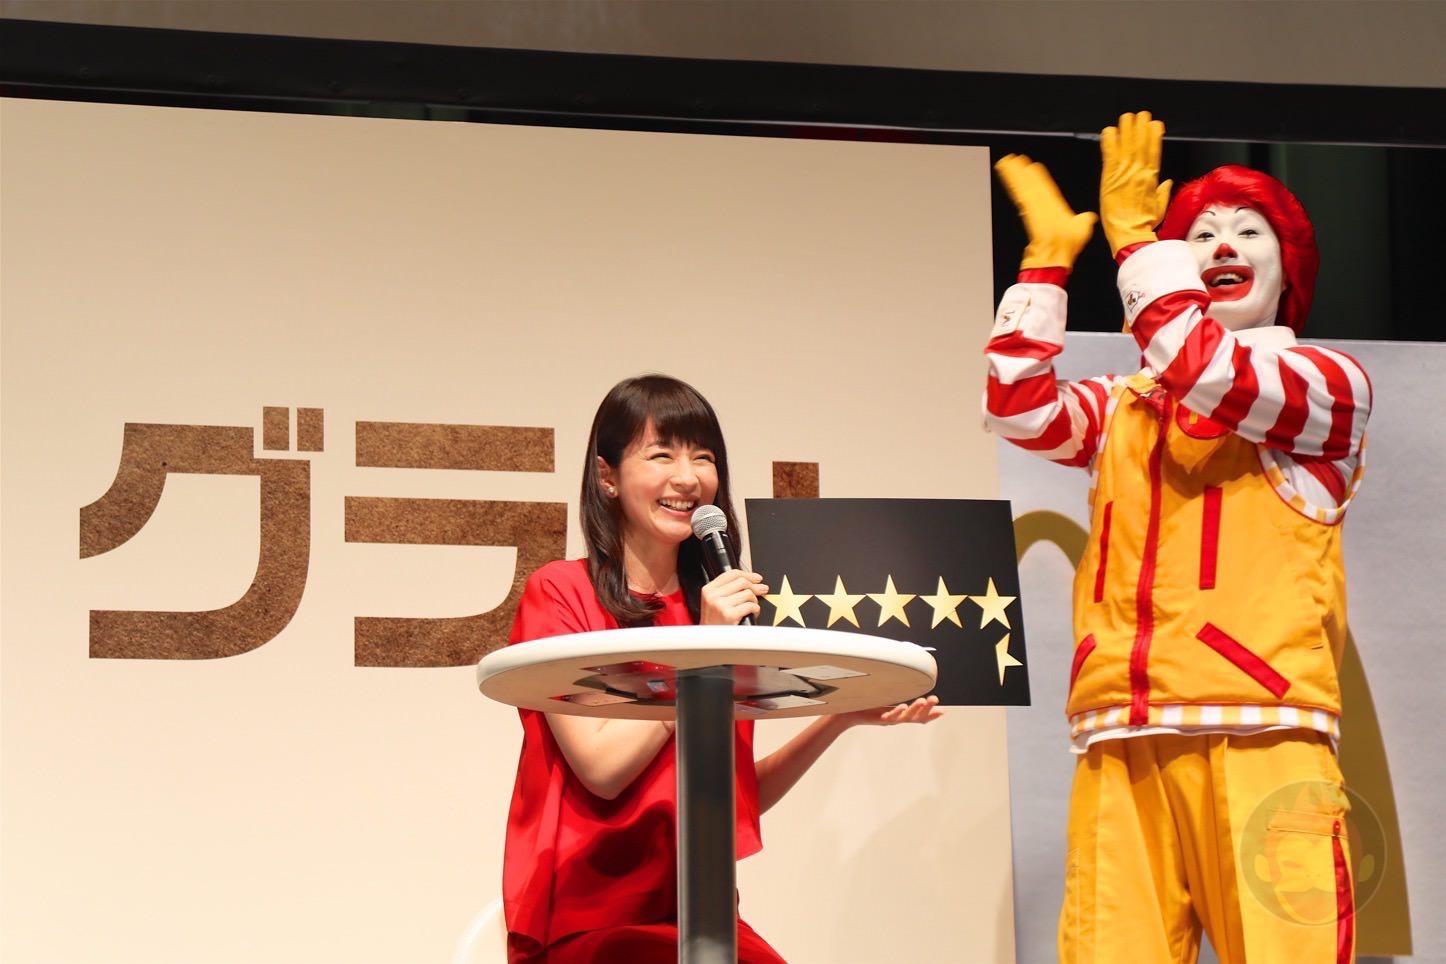 McDonalds-New-Japanese-Menu-Gran-Burgers-06.jpg